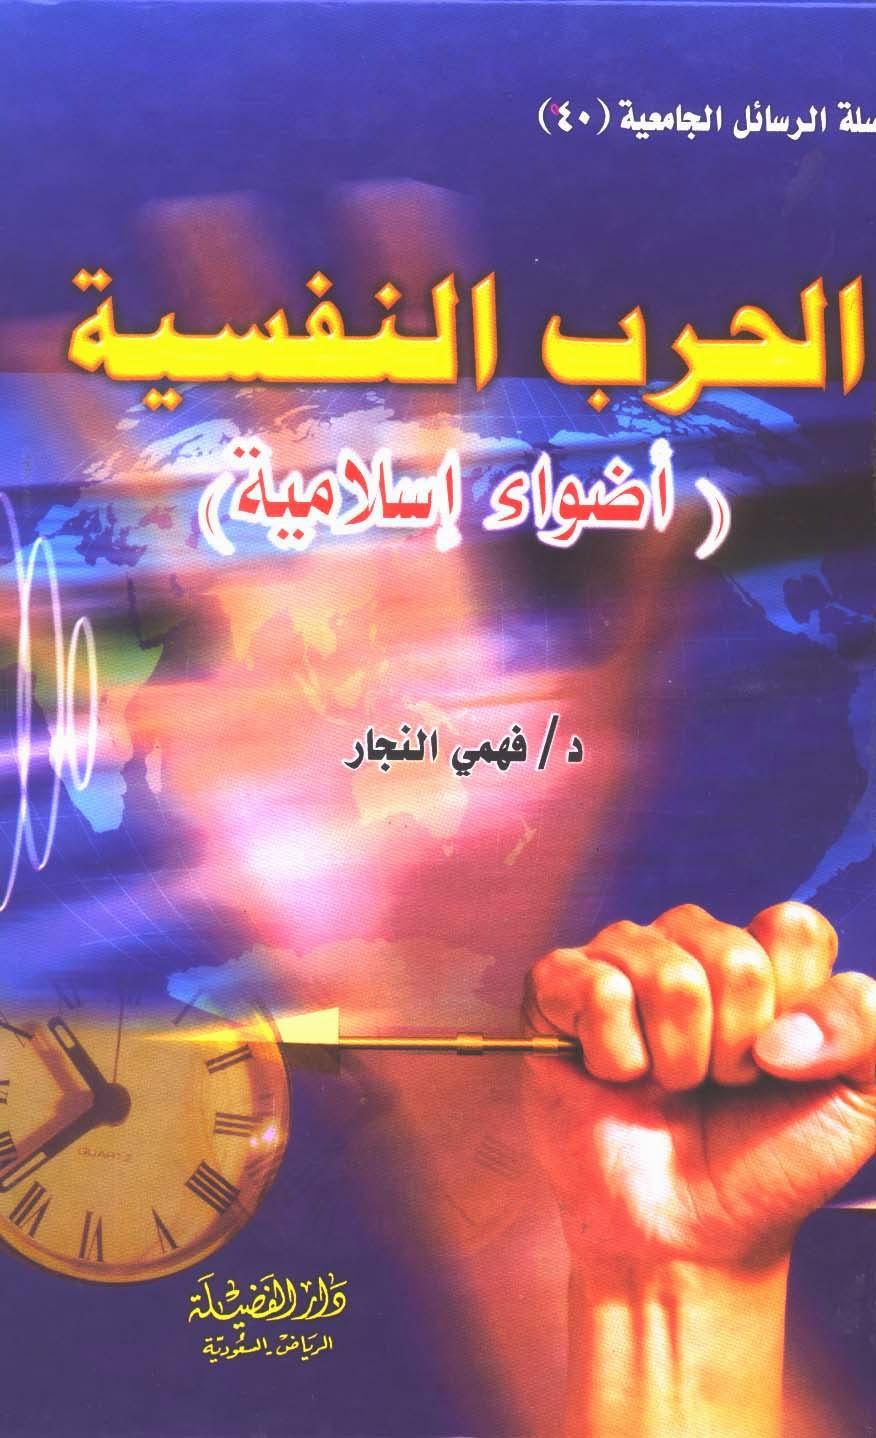 الحرب النفسية : أضواء إسلامية لـ فهمي النجار